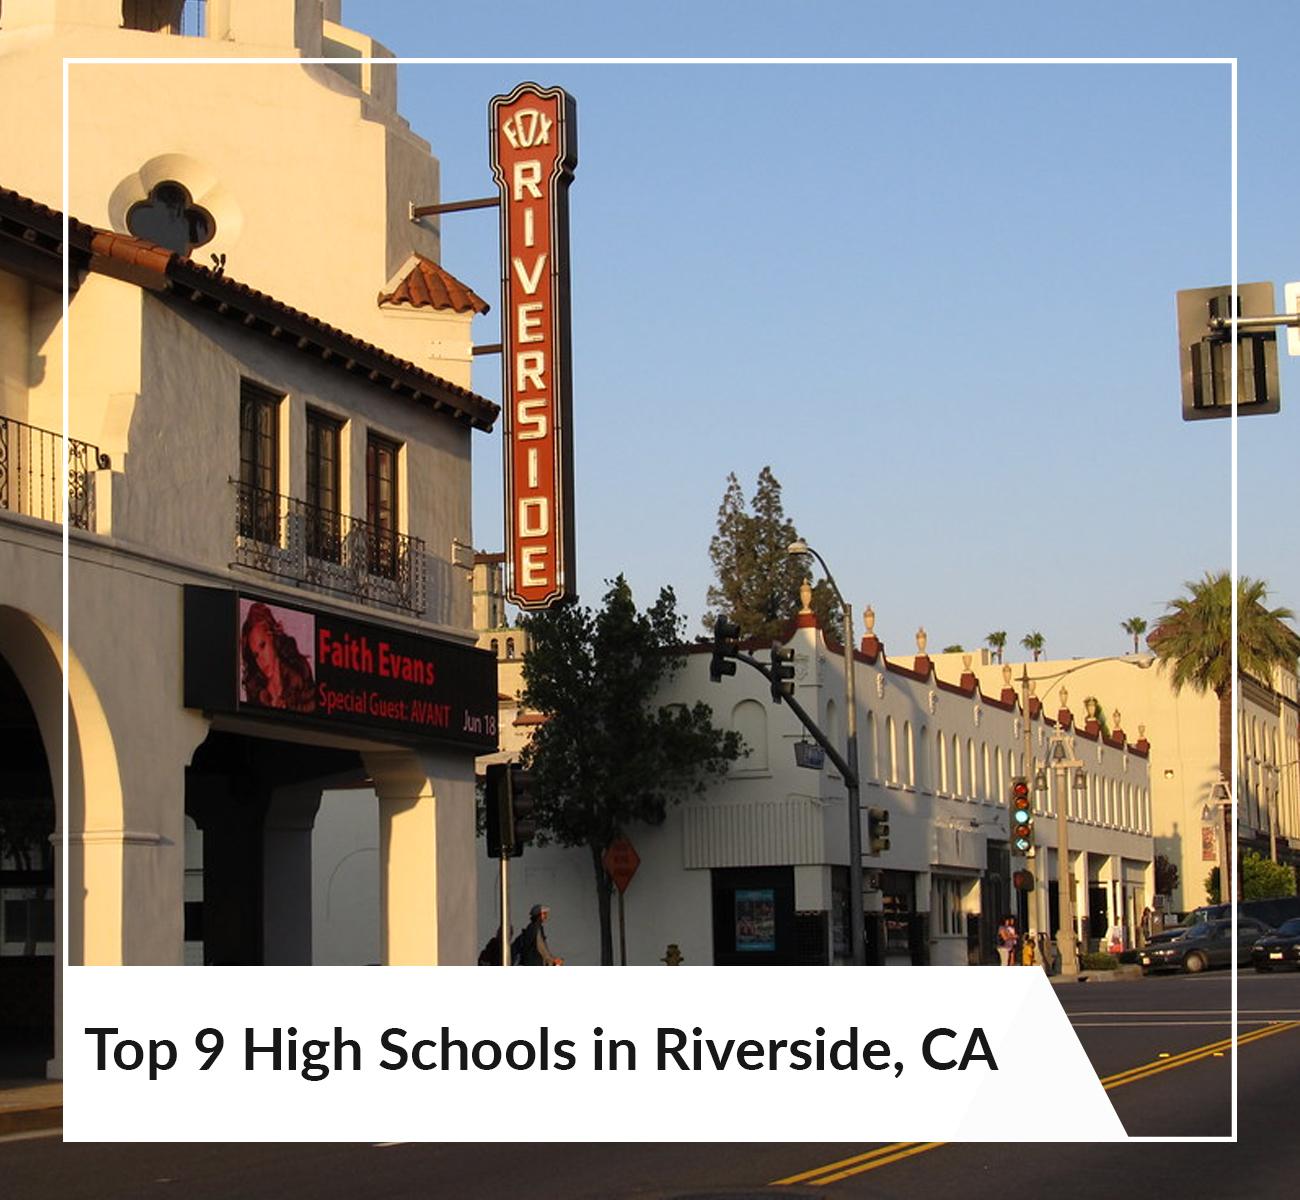 Top 9 High Schools Riverside